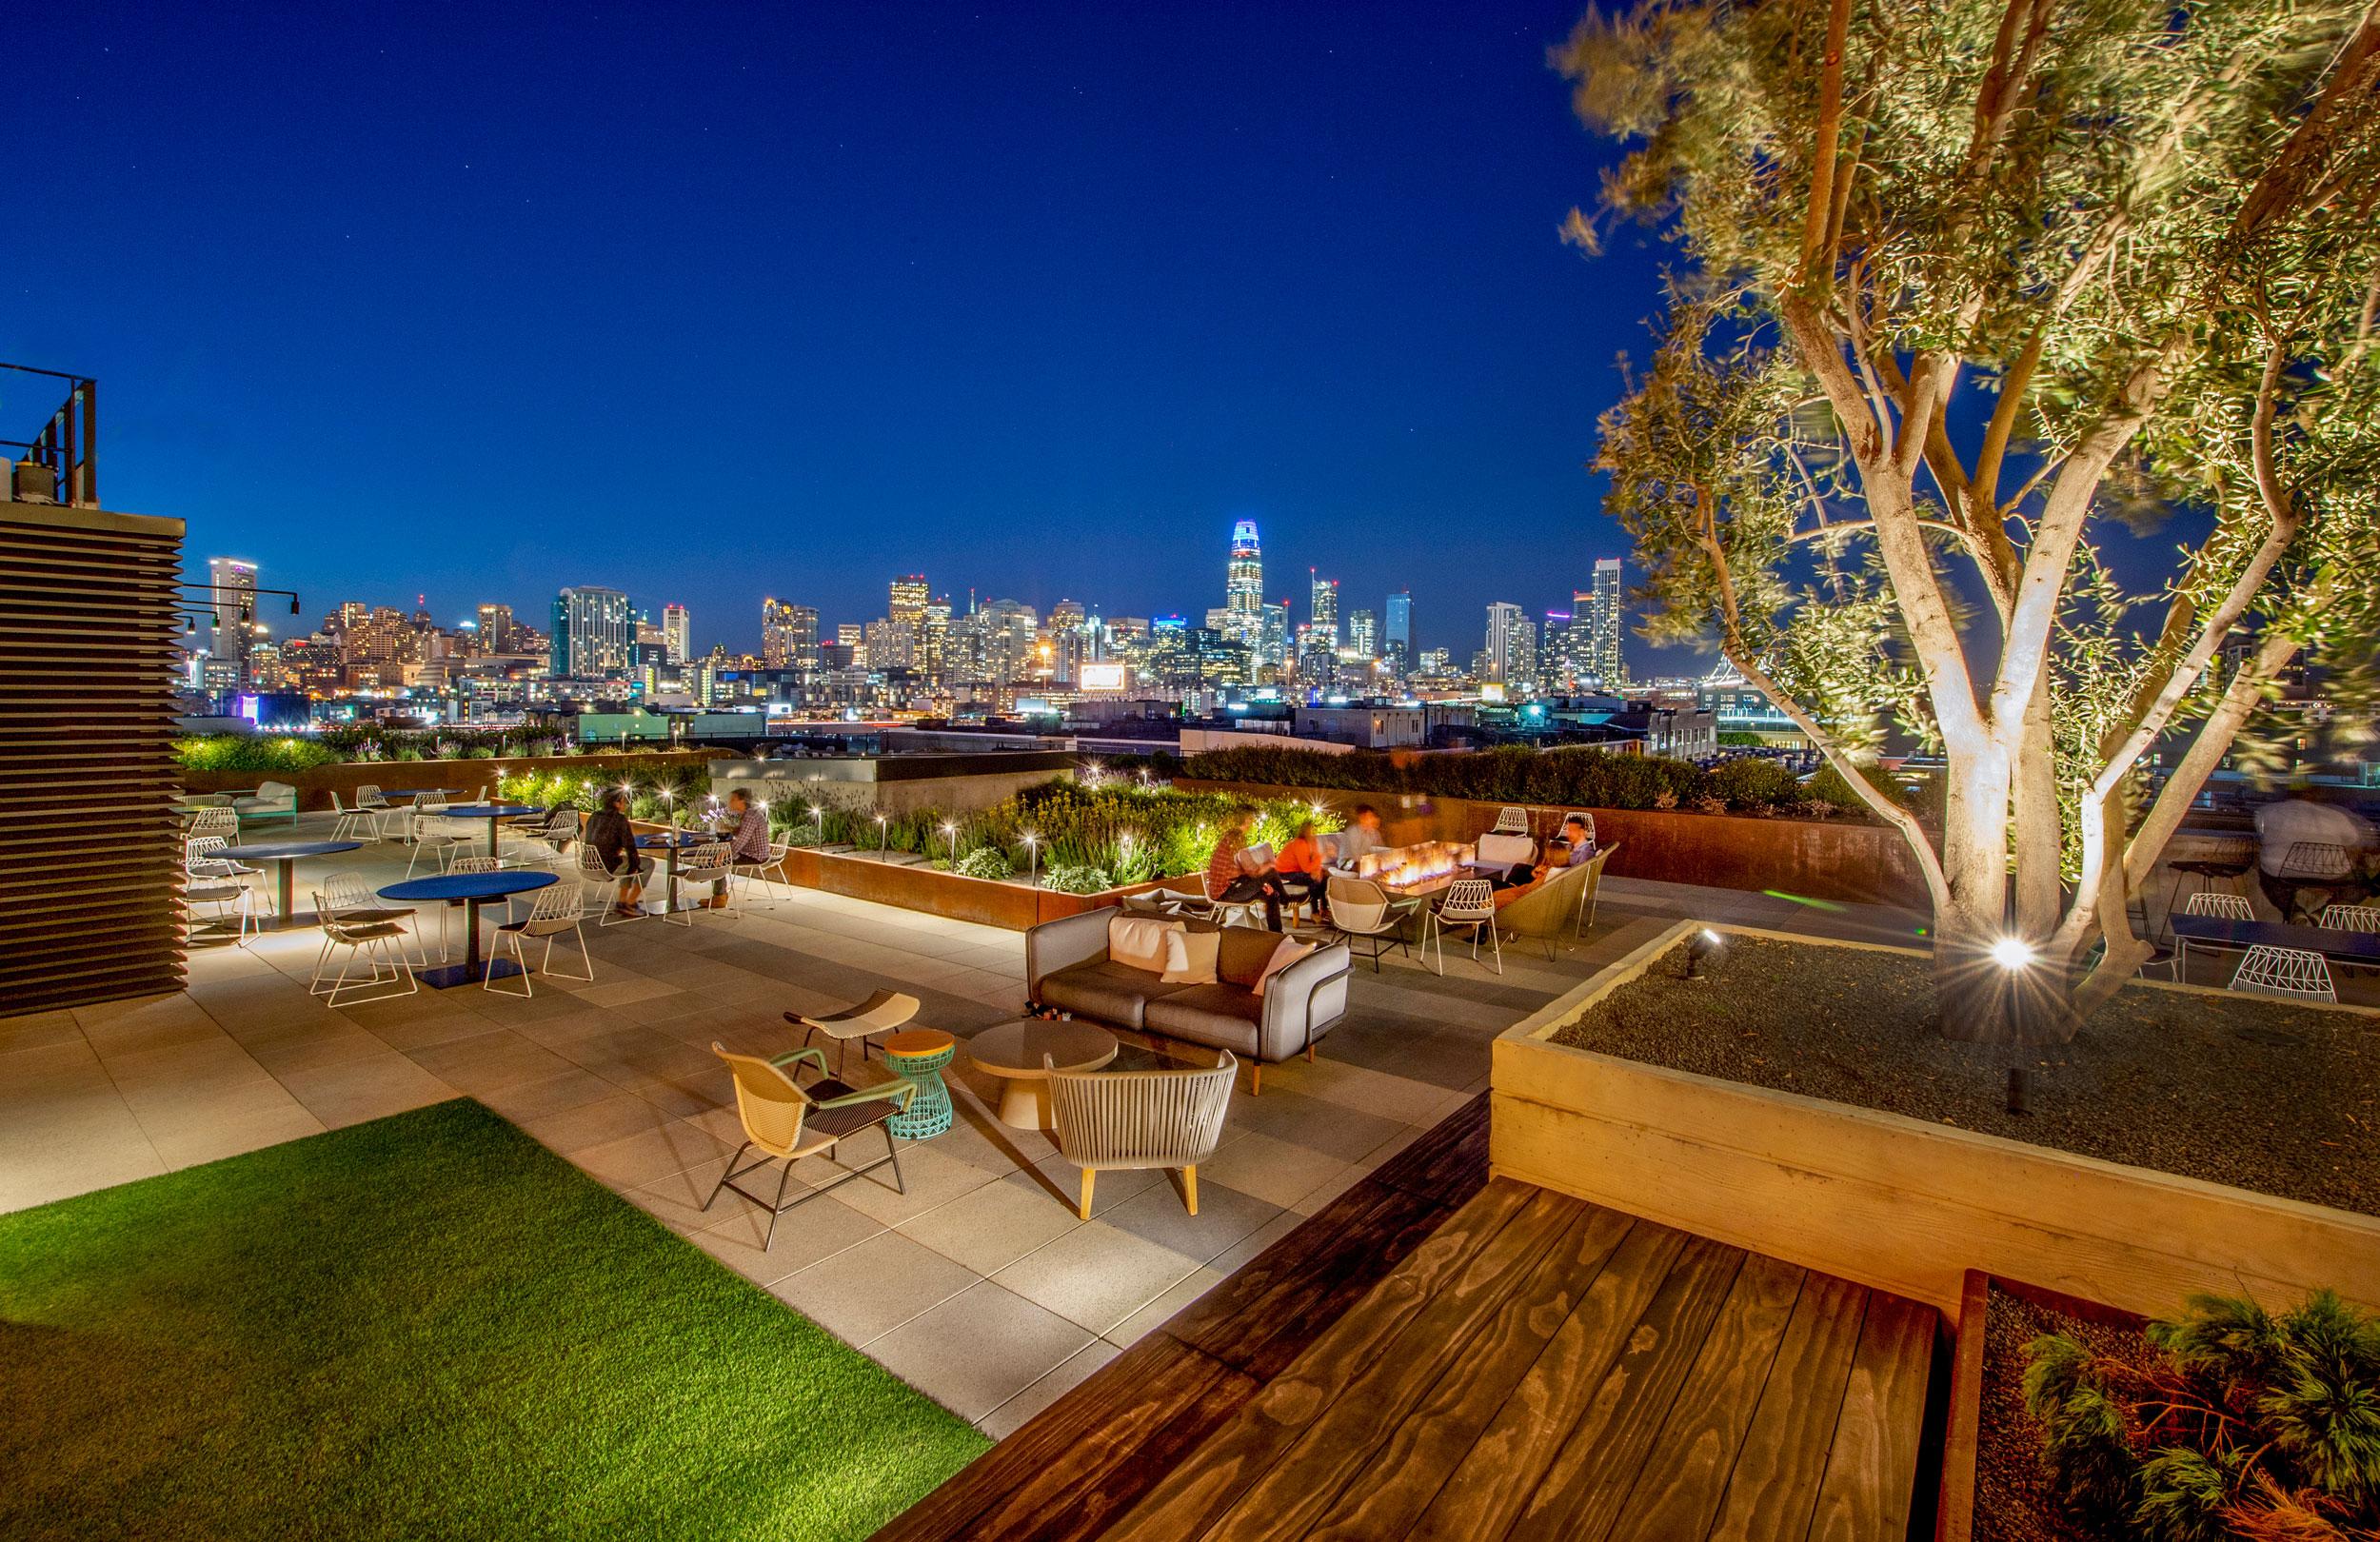 Alexandria Roof Garden - San Francisco, CA